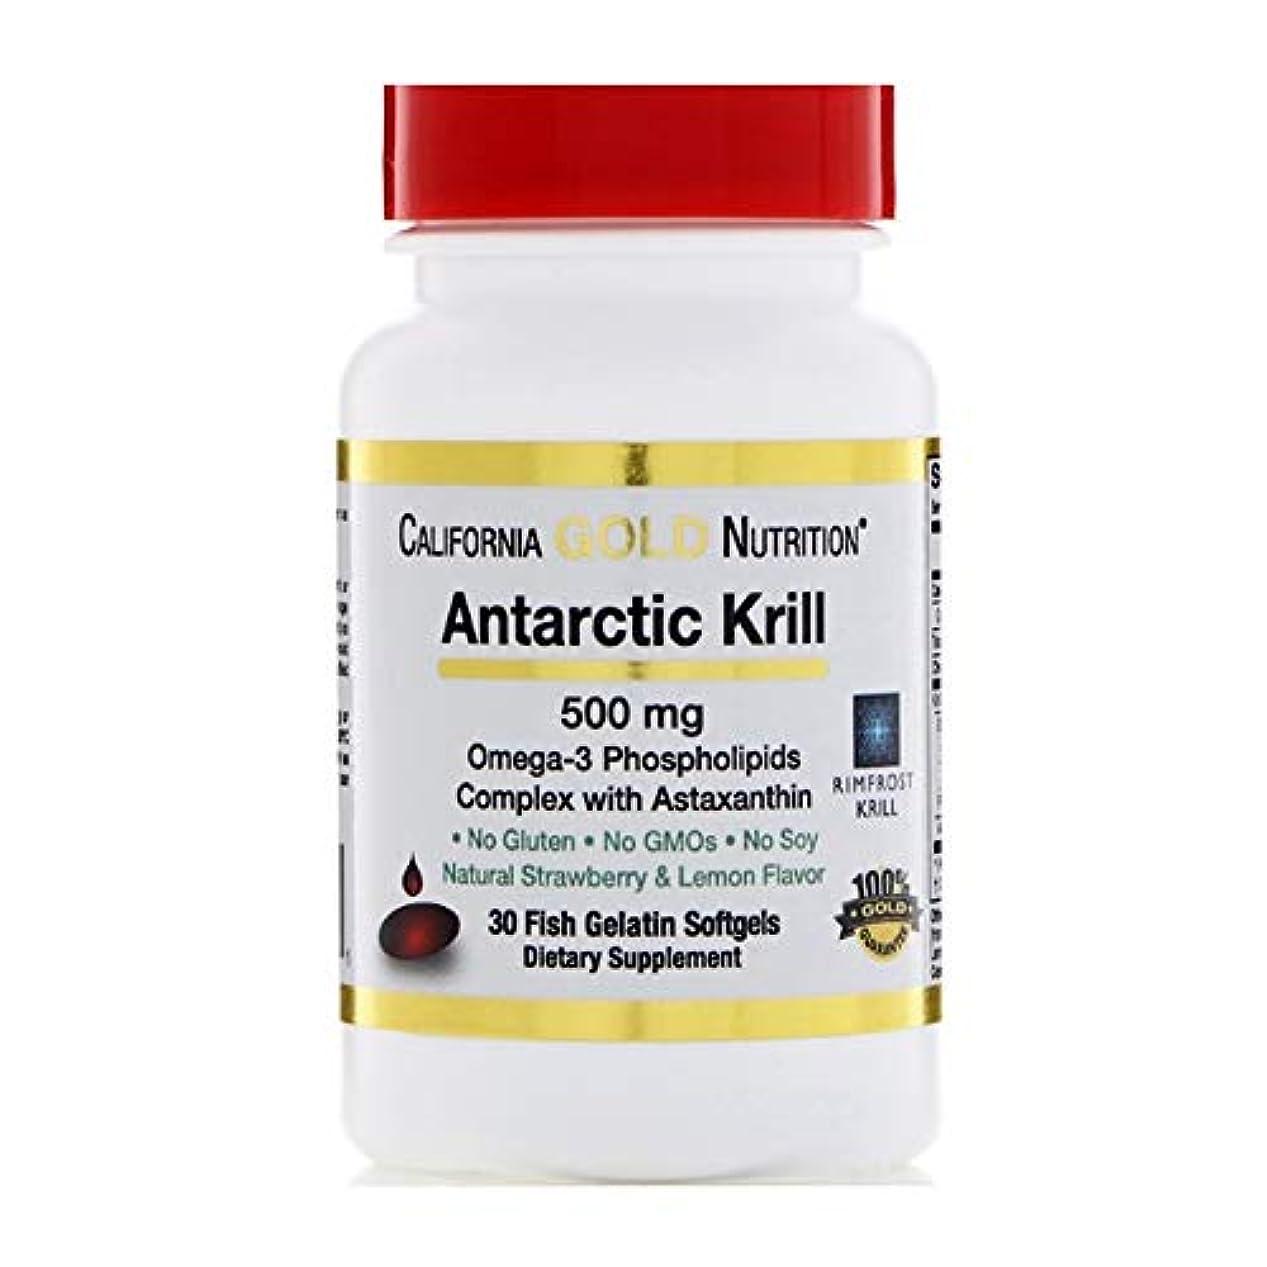 反対にご予約アンプCalifornia Gold Nutrition Antarctic Krill Oil アスタキサンチン配合 RIMFROST 天然イチゴ レモン味 500 mg フィッシュゼラチンソフトジェル 30粒 【アメリカ直送】